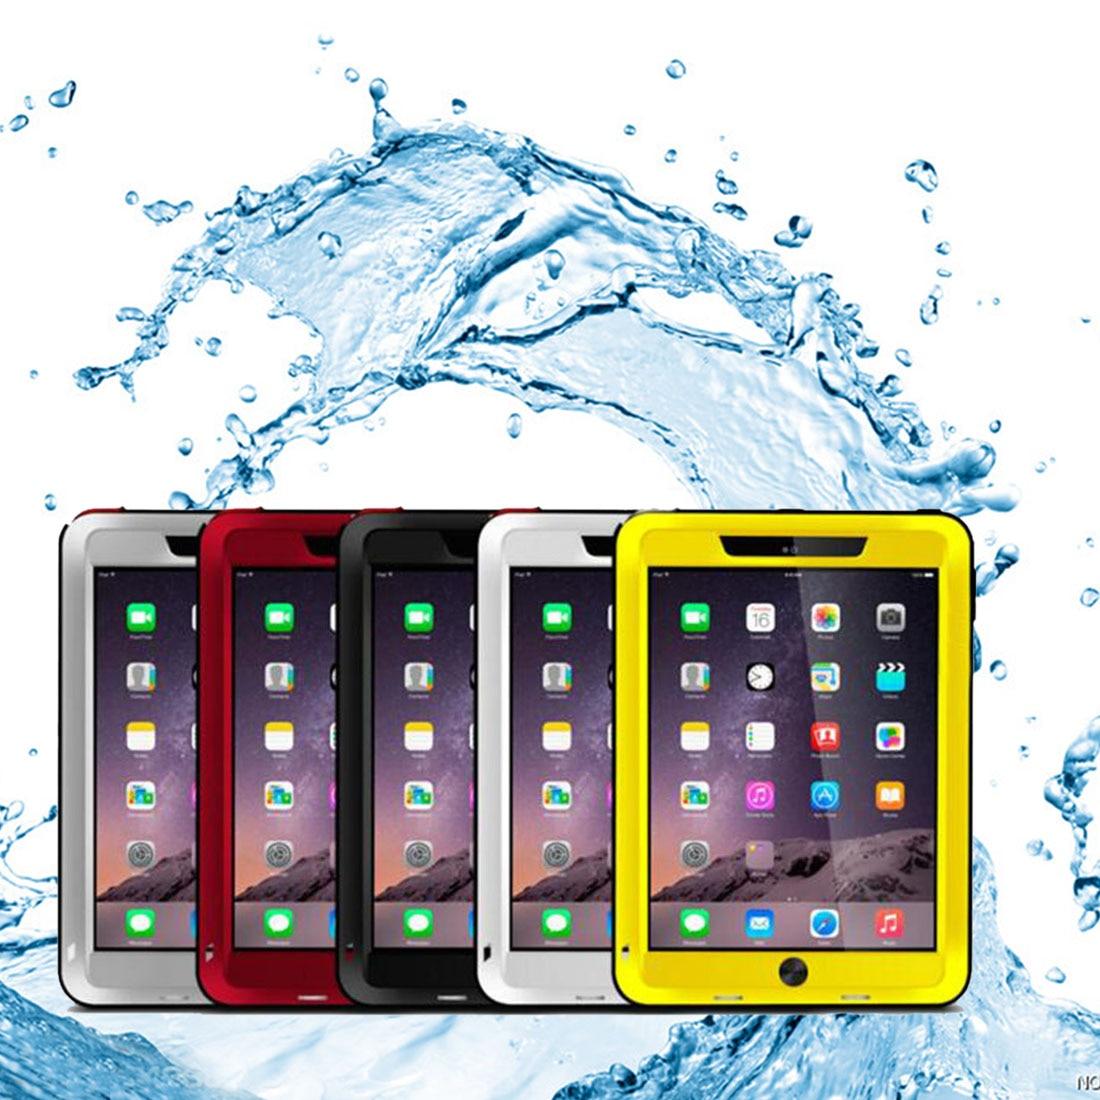 Étui robuste de haute qualité pour étui Air2 housse de Protection hybride complète pour étuis à tablette Air2 antichoc